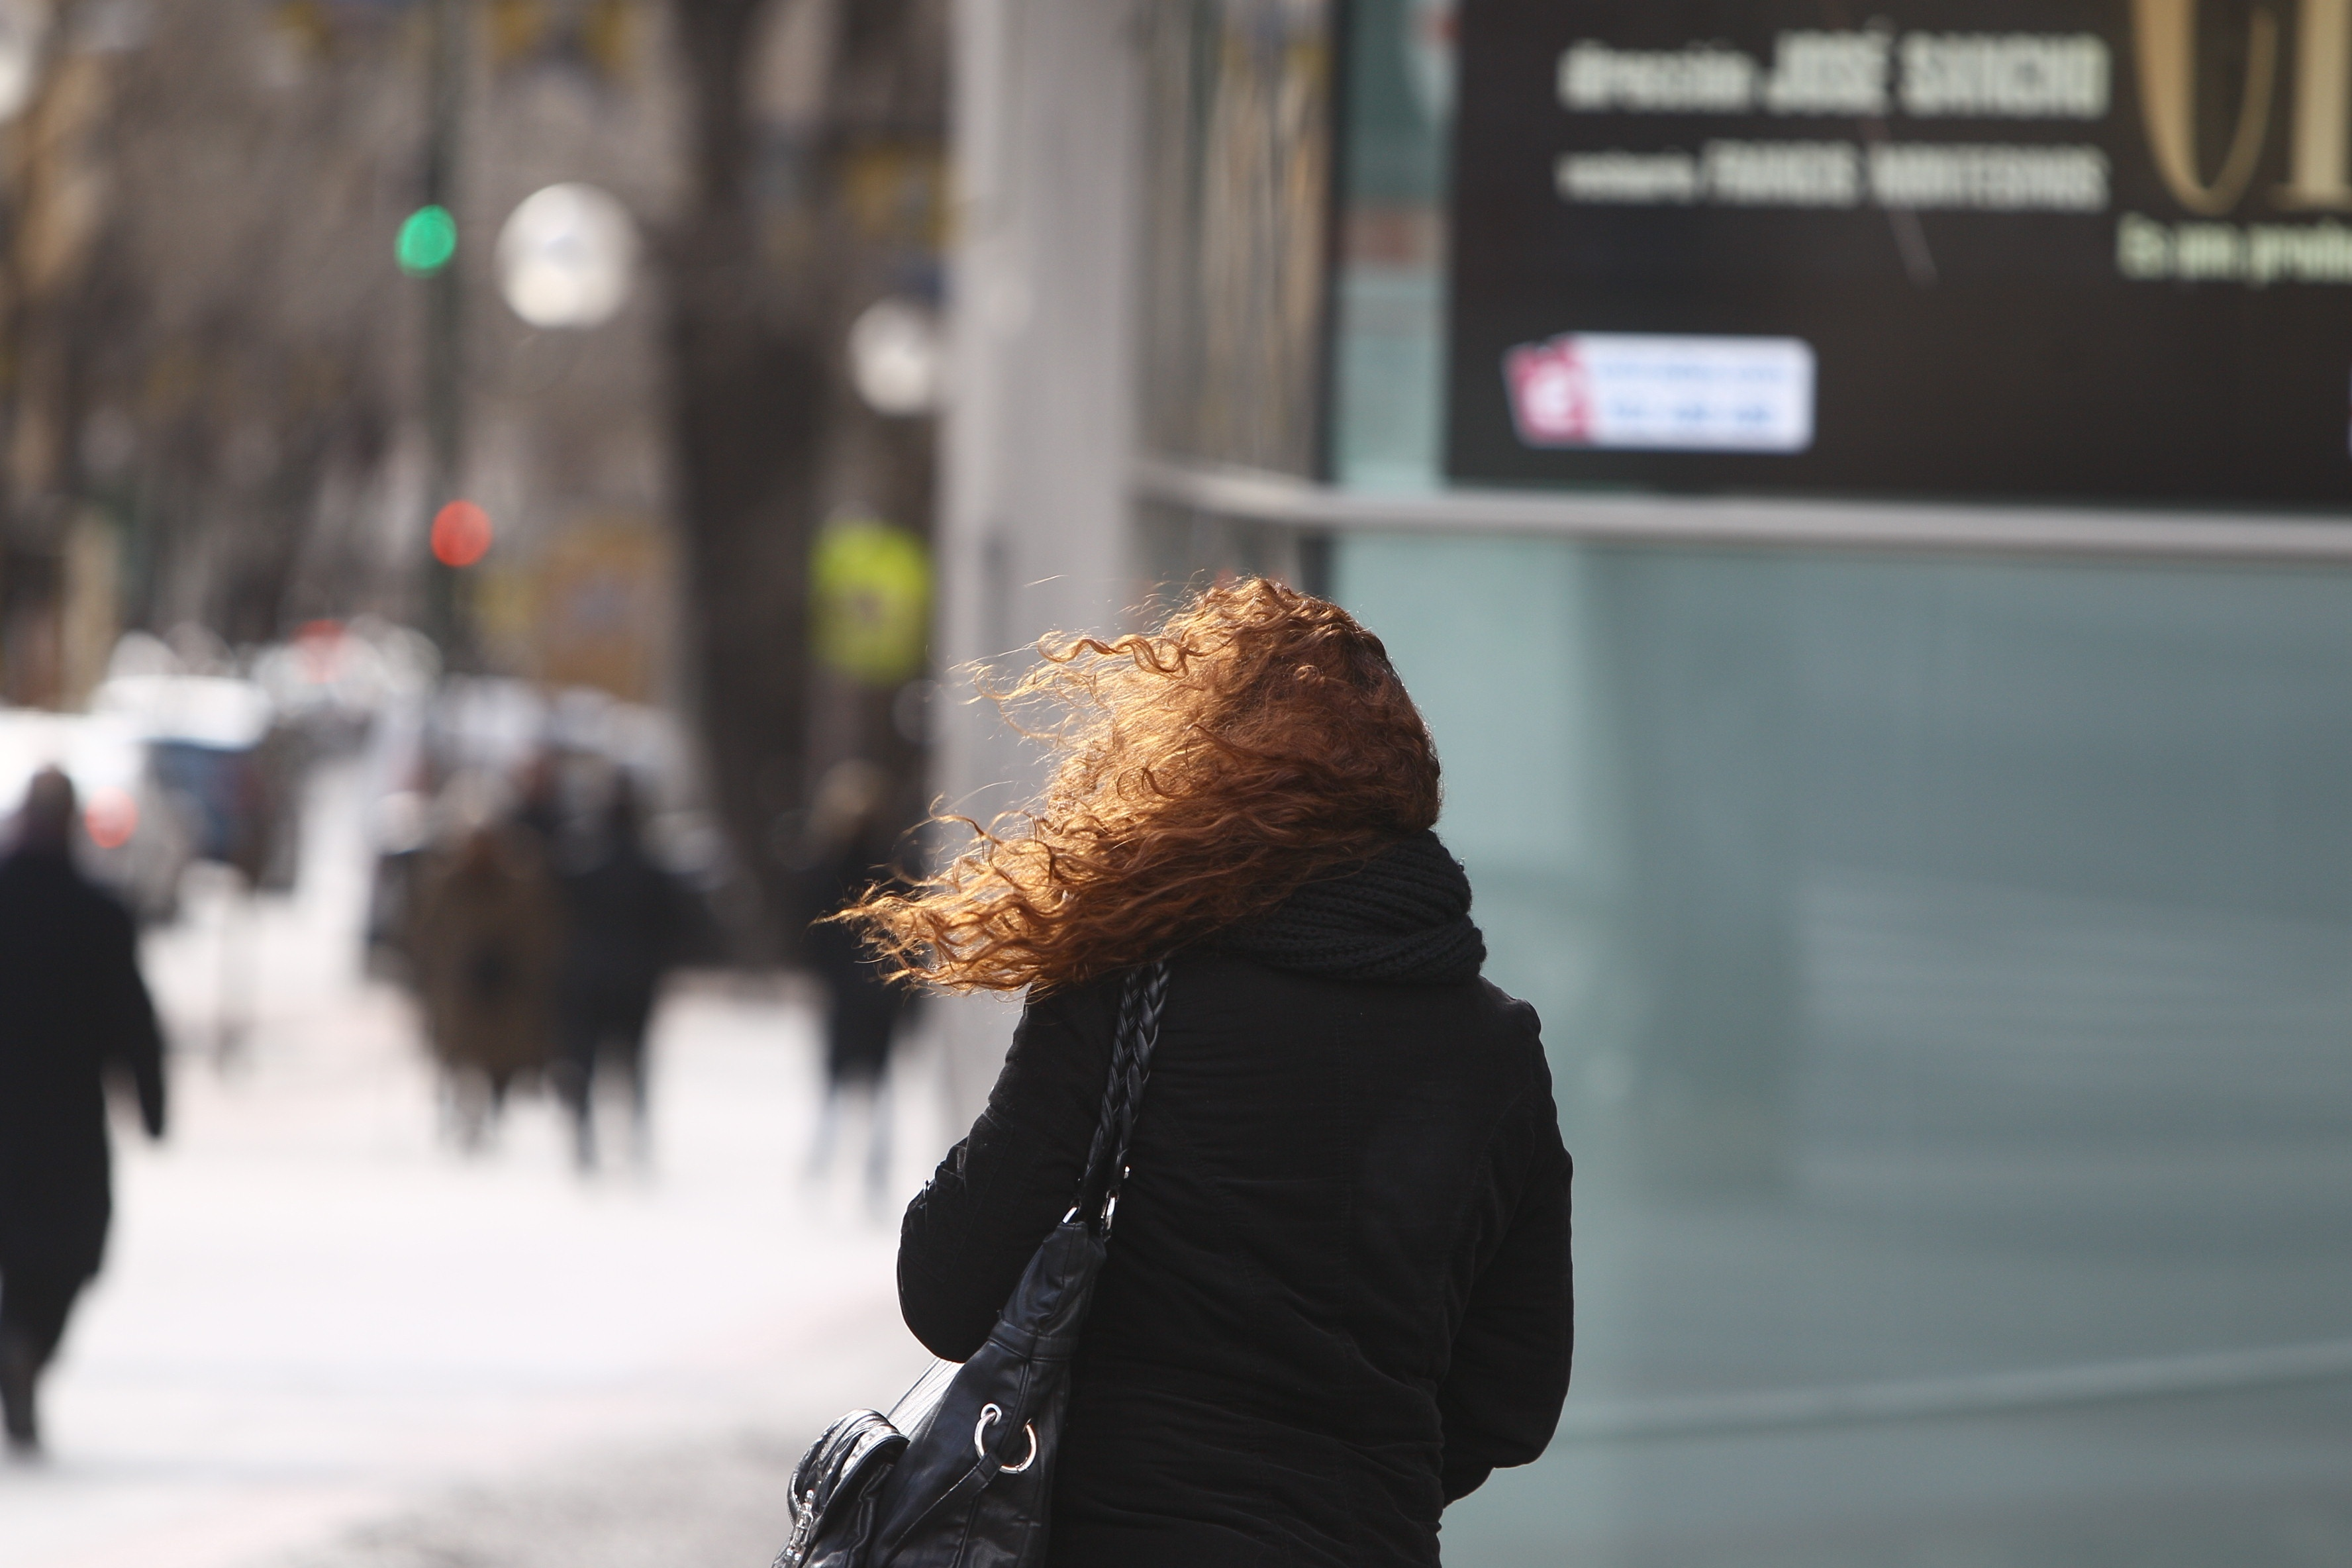 Protección Civil alerta de nevadas y fuertes vientos en las zonas de montaña de CyL